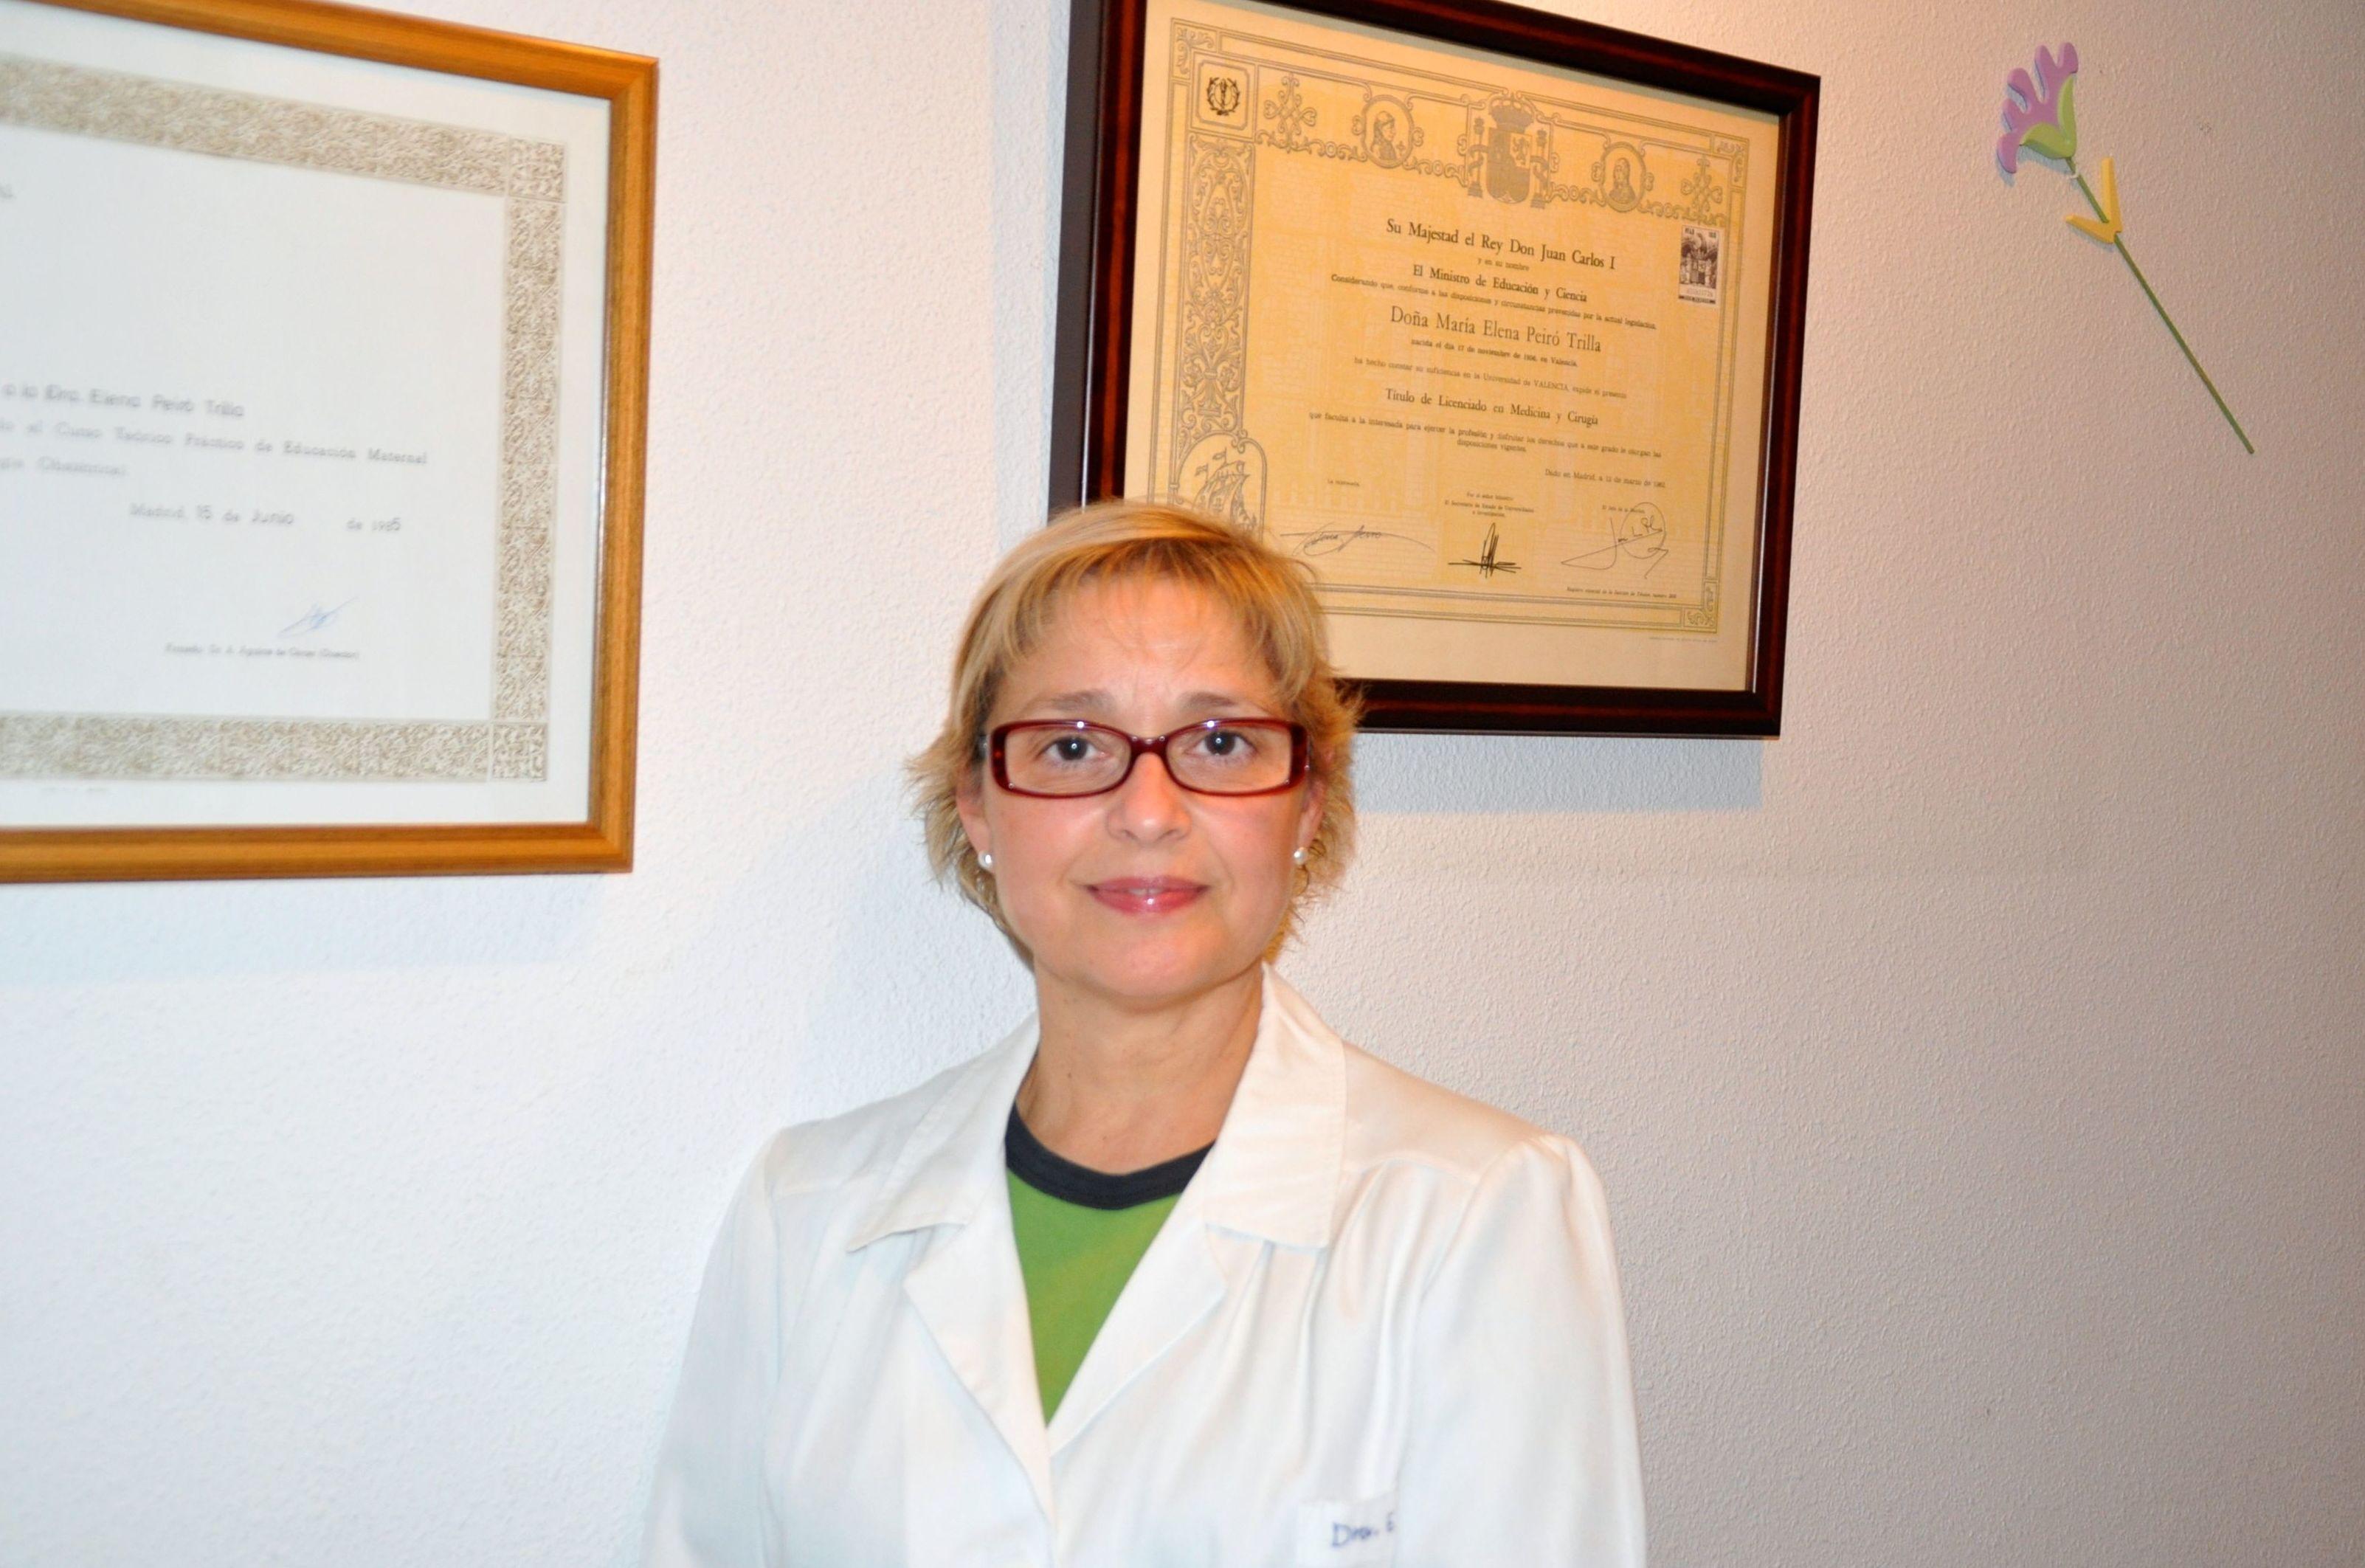 Dra. Elena Peiró Trilla, licenciada en medicina y cirugía por la Universidad de Valencia y sofropedagogía obstétrica colegiada